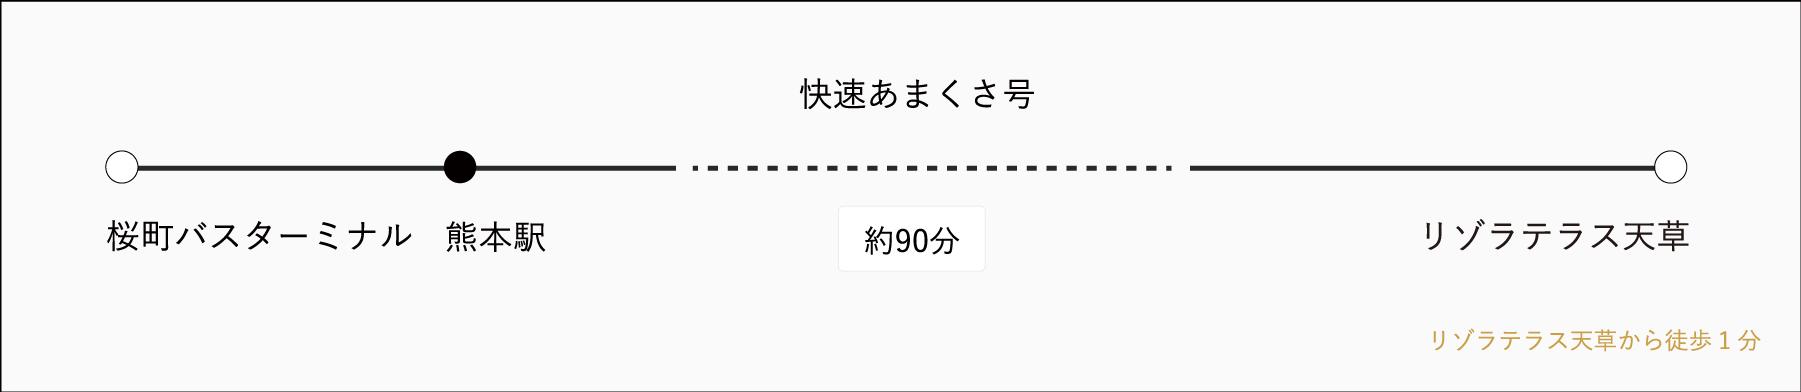 桜町バスターミナル、熊本駅などから快速バスで行くルート